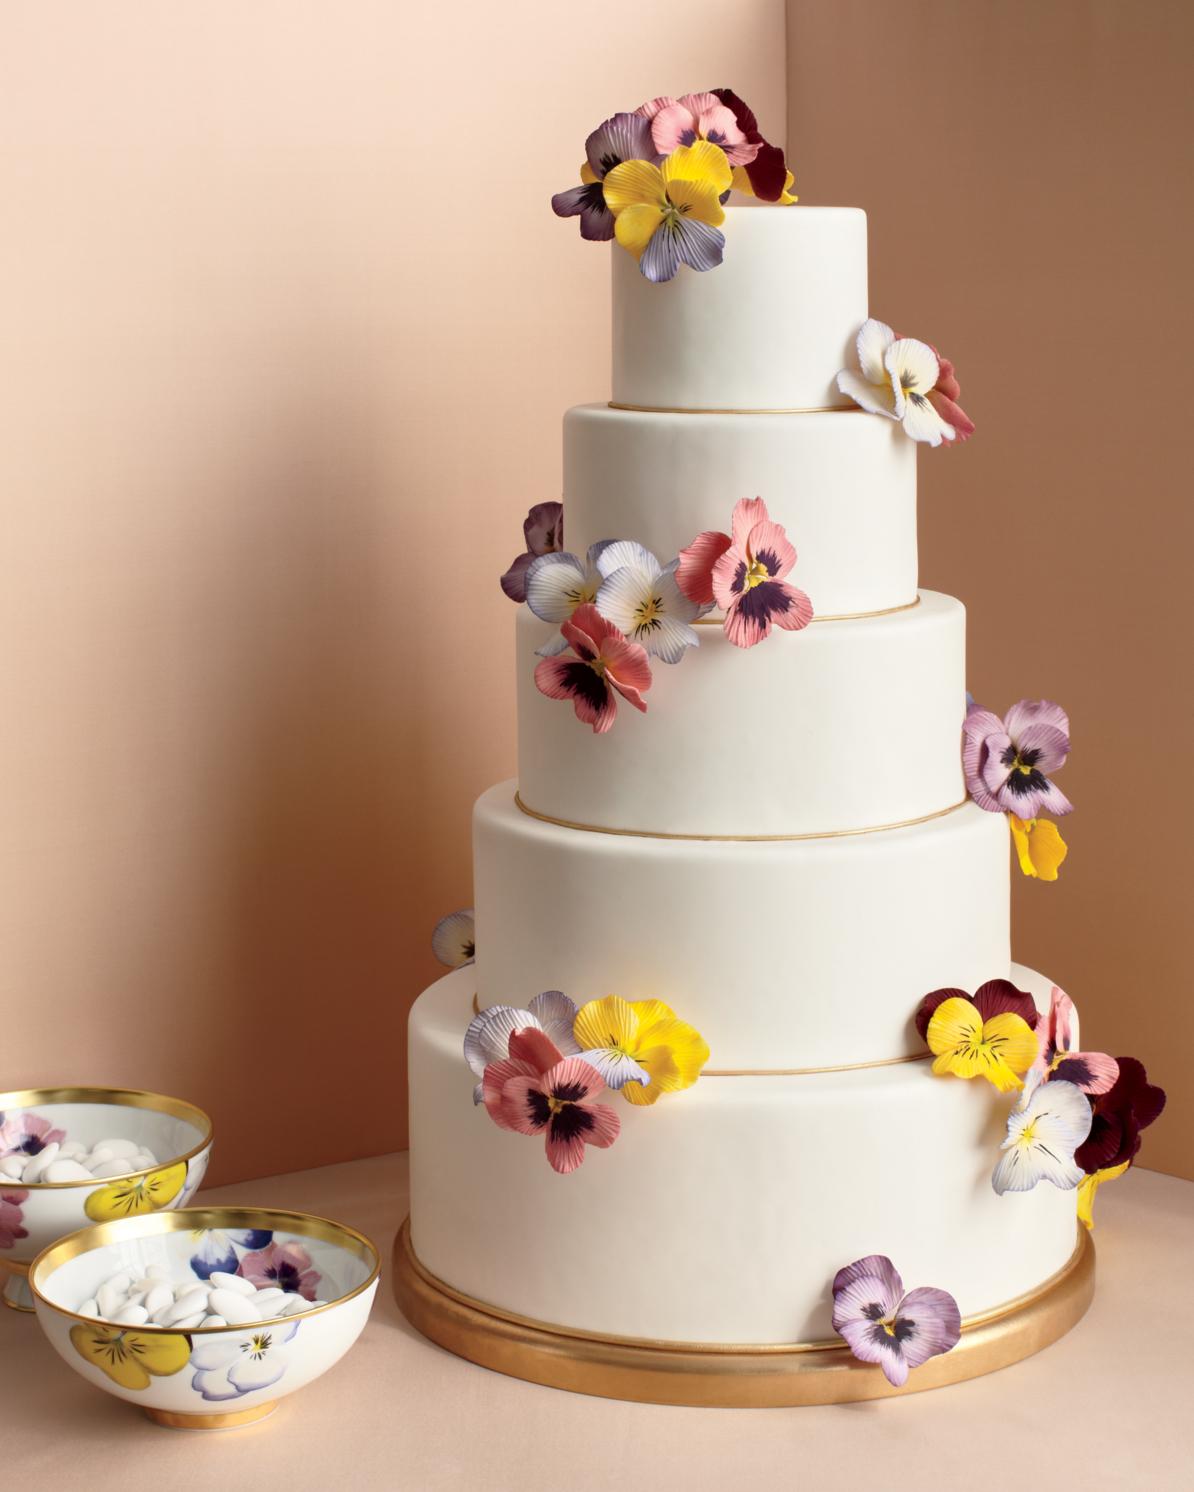 pansies-cake-mwd107844.jpg